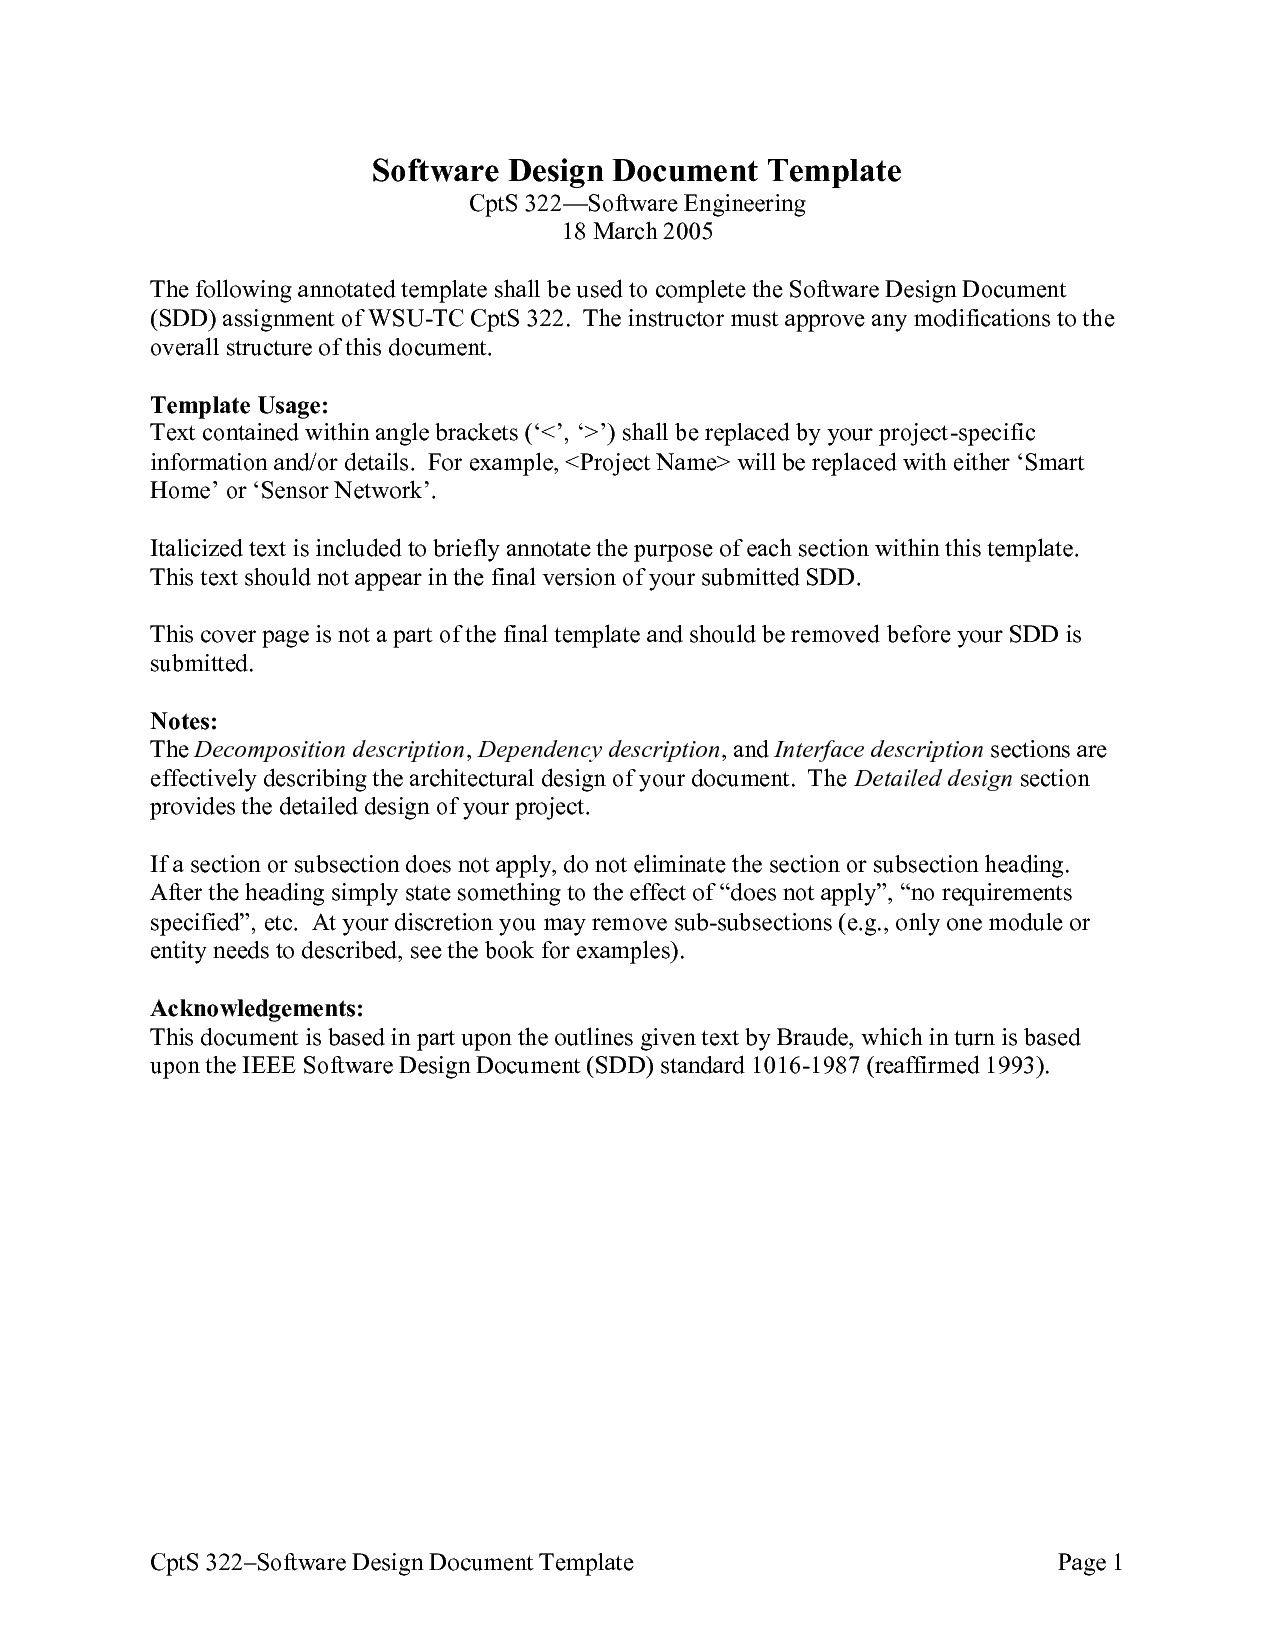 Software Design Document Template Hervorragend Game Design